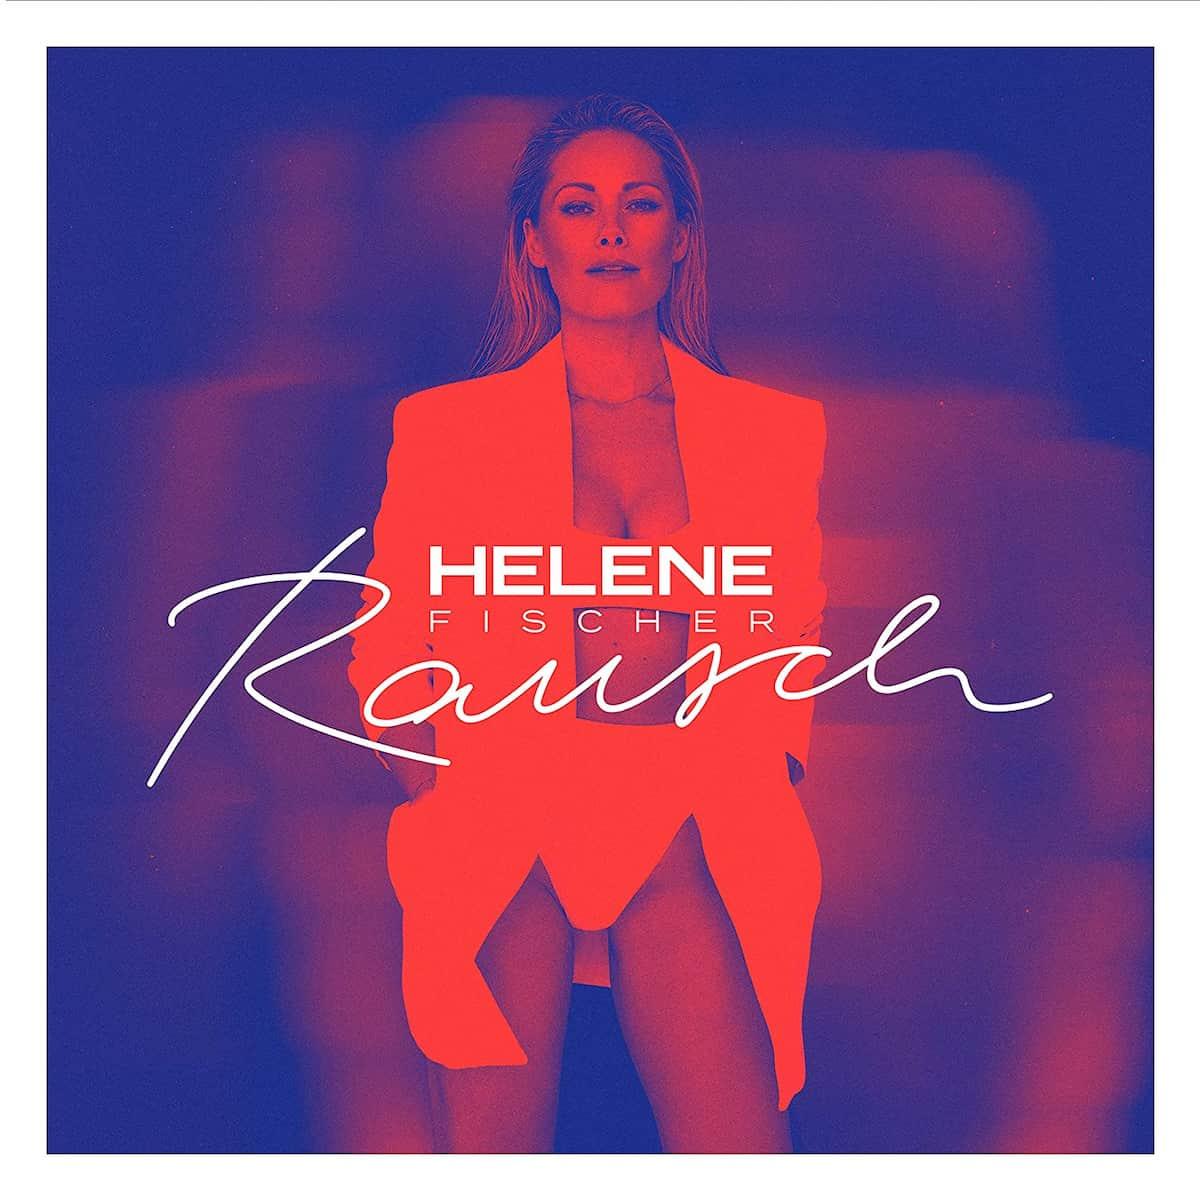 """Helene Fischer Neue CD """"Rausch"""" für 15.10.2021 angekündigt"""